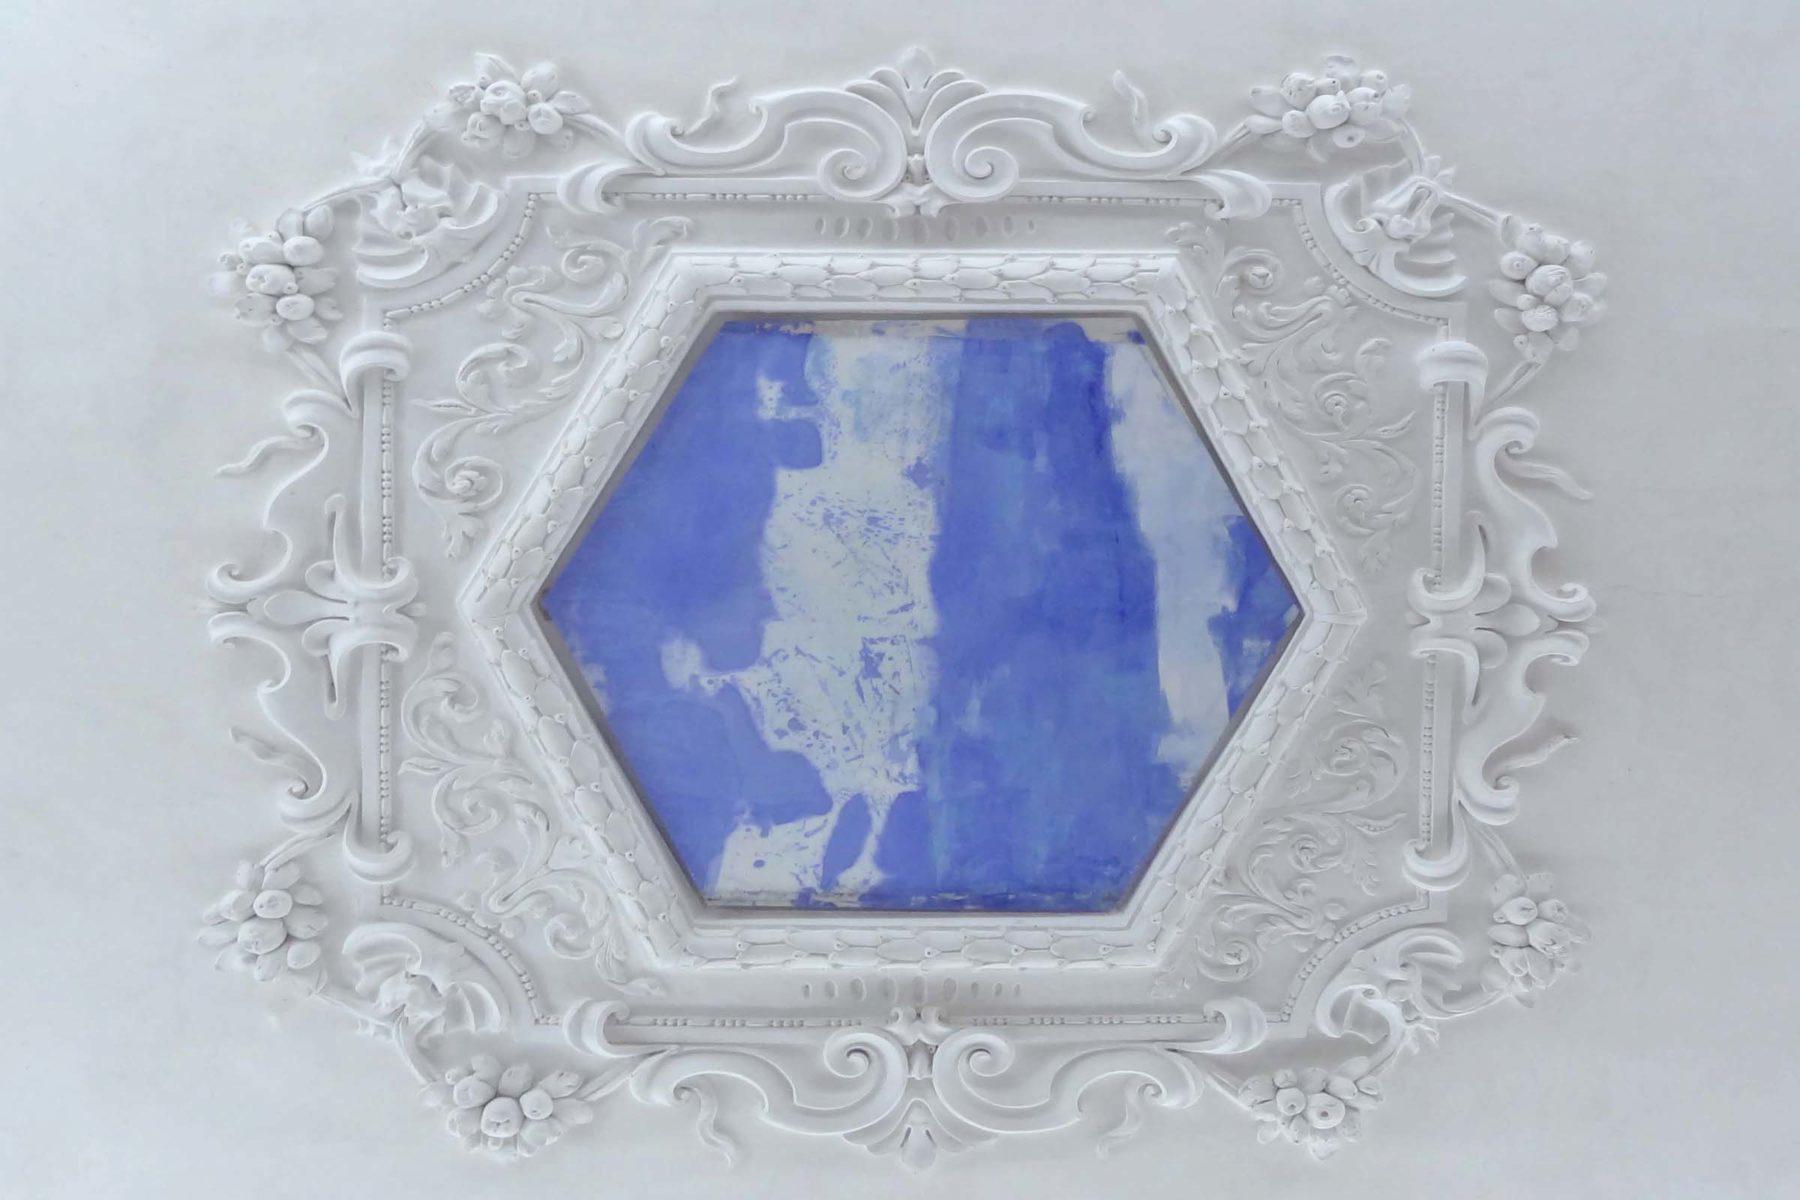 G.Frangi, Mappe, 2012, tecnica mista su tela, presso Villa Morosini, ph.d.capra